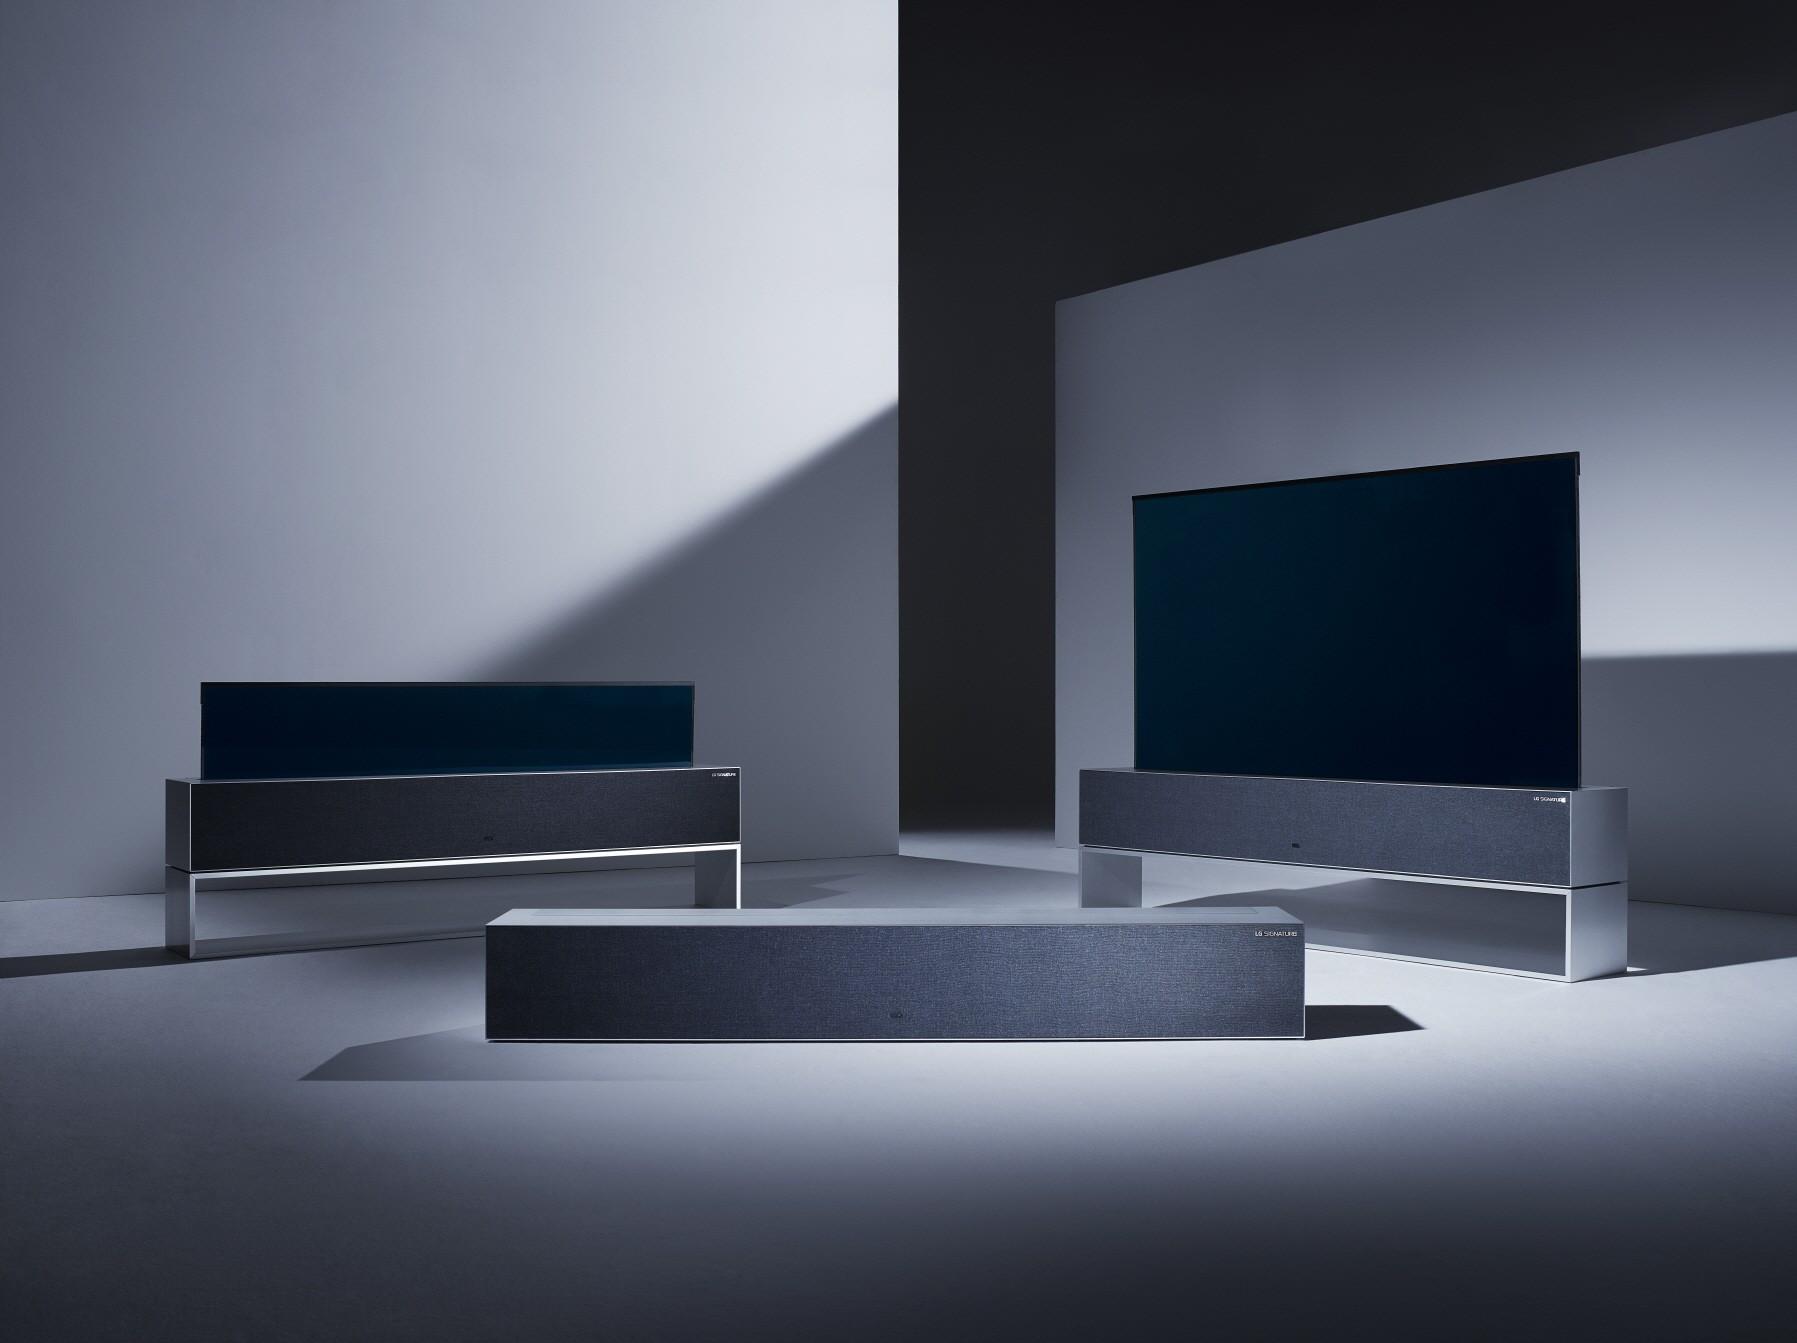 LG-OLED-TV-R-Product-01.jpg